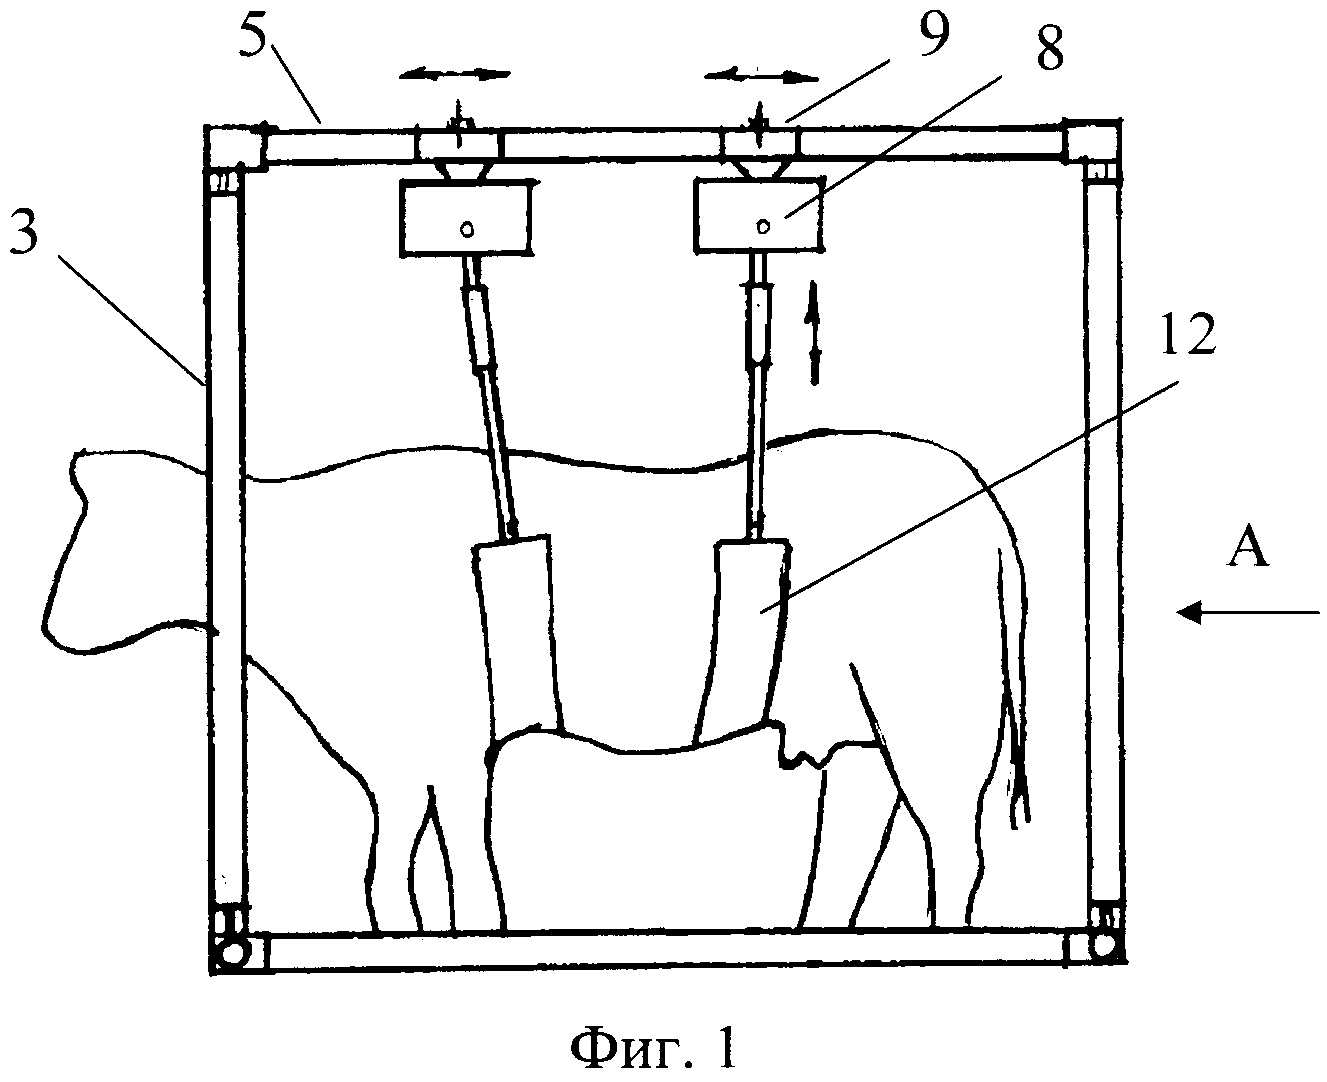 Схема станков своими руками для обработки копыт крс самостоятельно